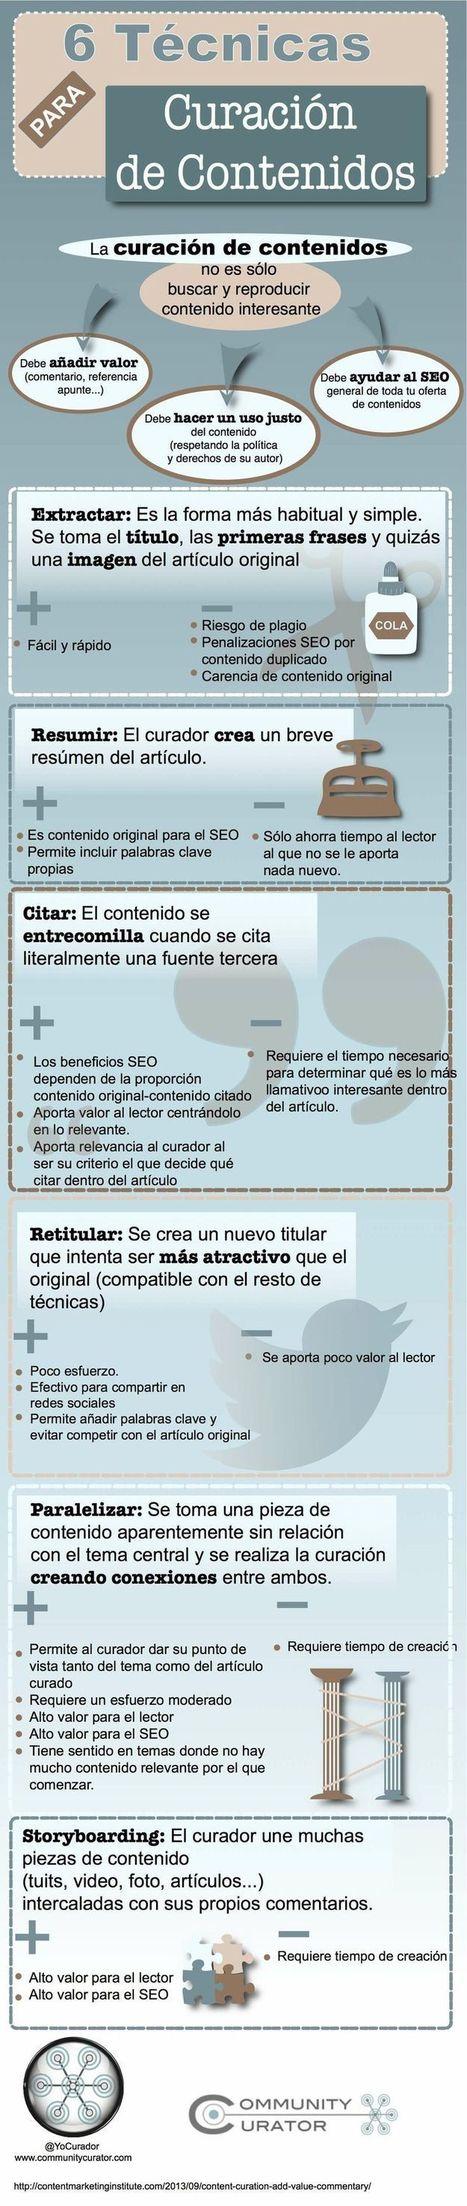 Curación de contenidos: 6 técnicas (infografía) | El Content Curator Semanal | Scoop.it